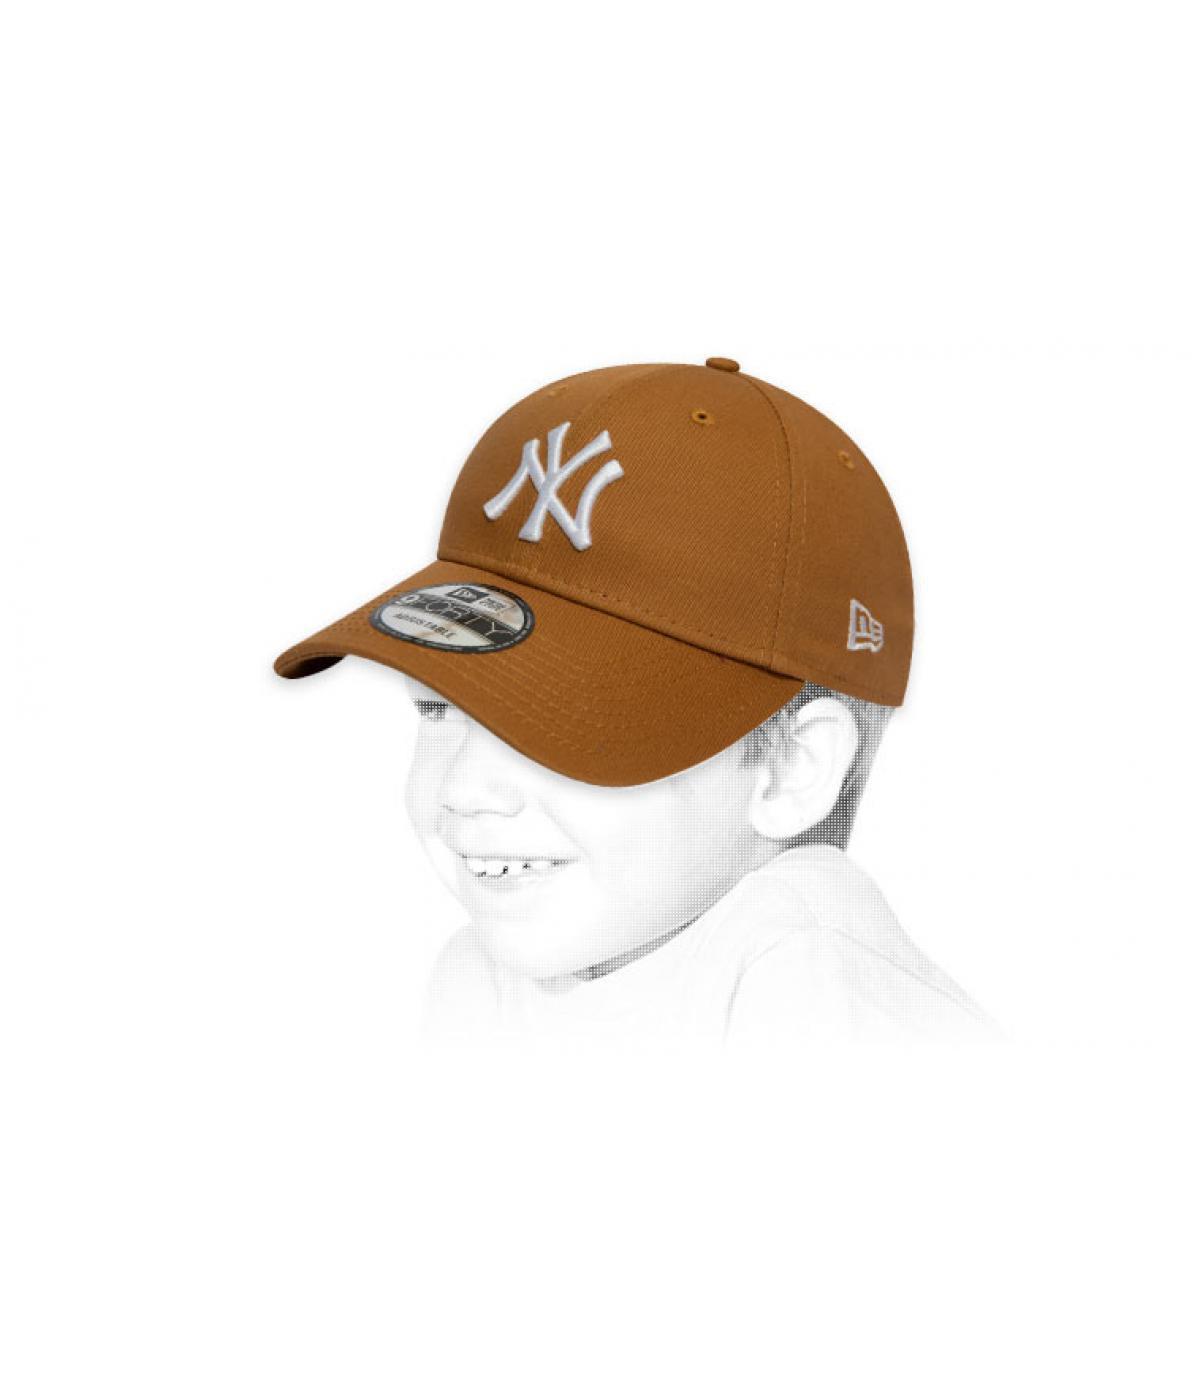 beige NY child cap